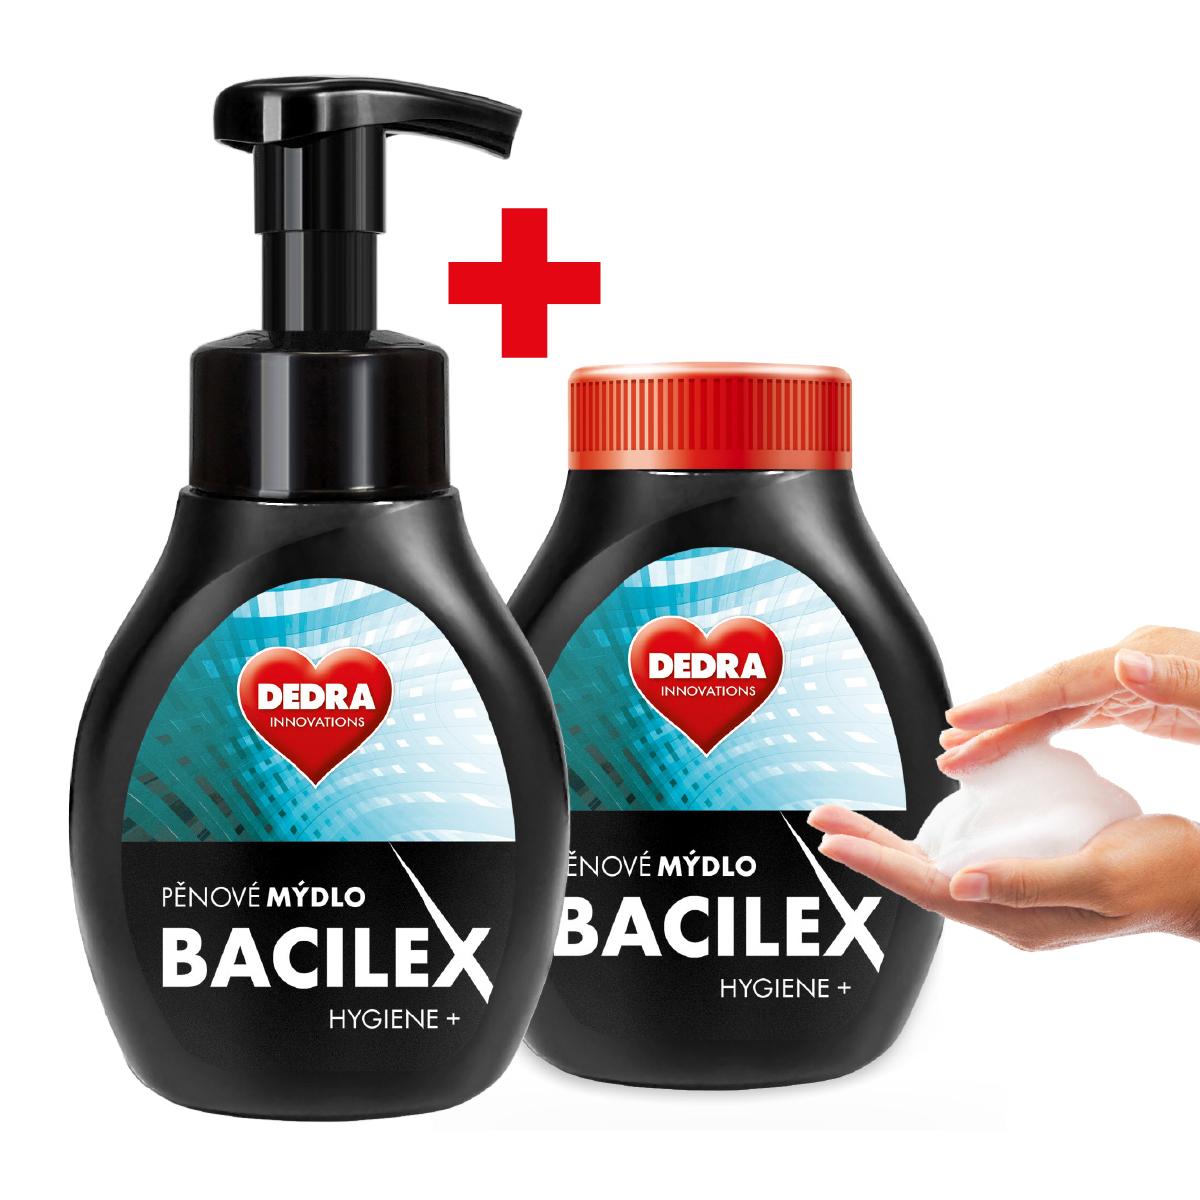 SADA 1+1 pěnové mýdlo s antibakteriální přísadou BACILEX HYGIENE+